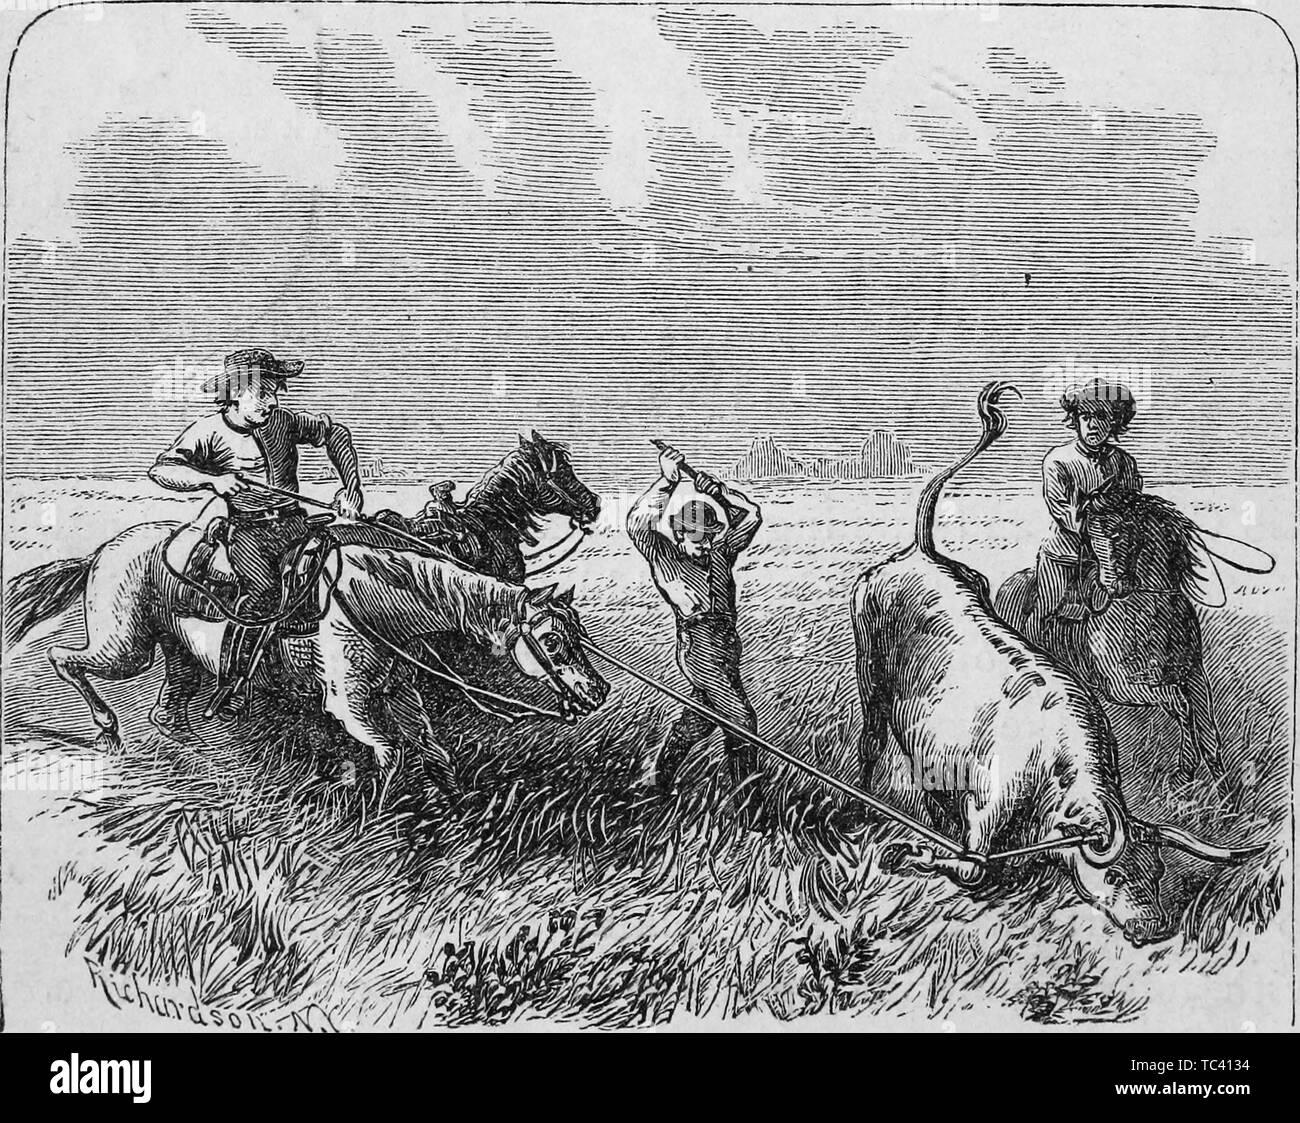 """Grabado de vaqueros de marca un ganado, del libro """"Breve historia de Texas desde su primer asentamiento al que se anexa a la constitución del Estado"""" por De Witt Clinton Baker, 1873. Cortesía de Internet Archive. () Imagen De Stock"""